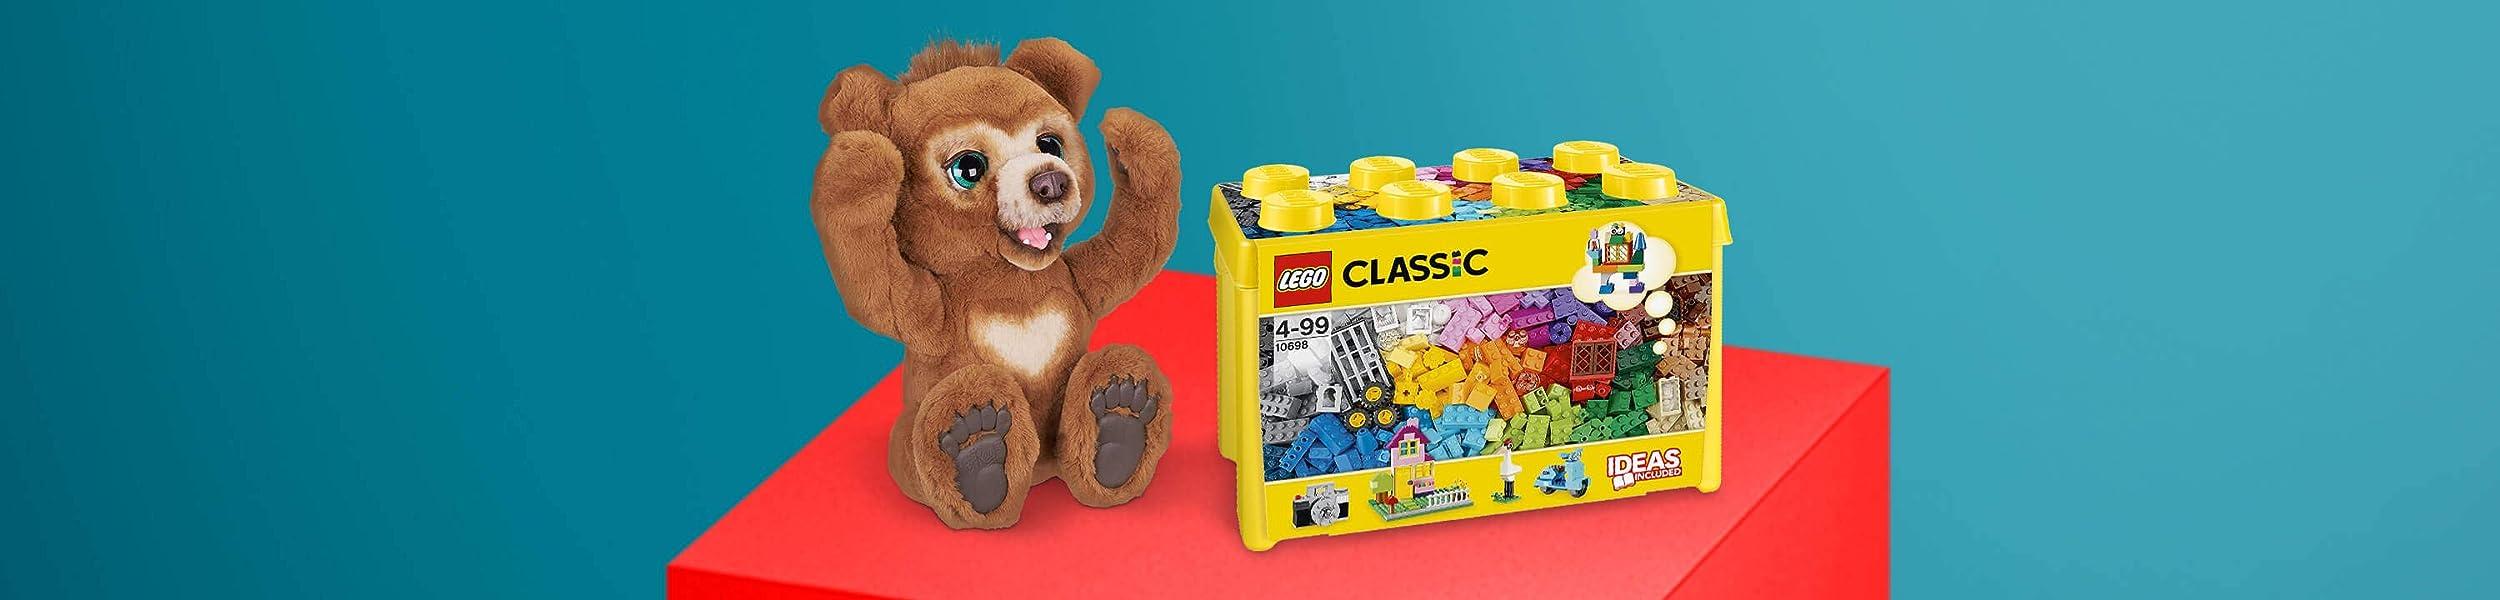 クリスマスにおすすめのおもちゃ&ホビーがお買い得